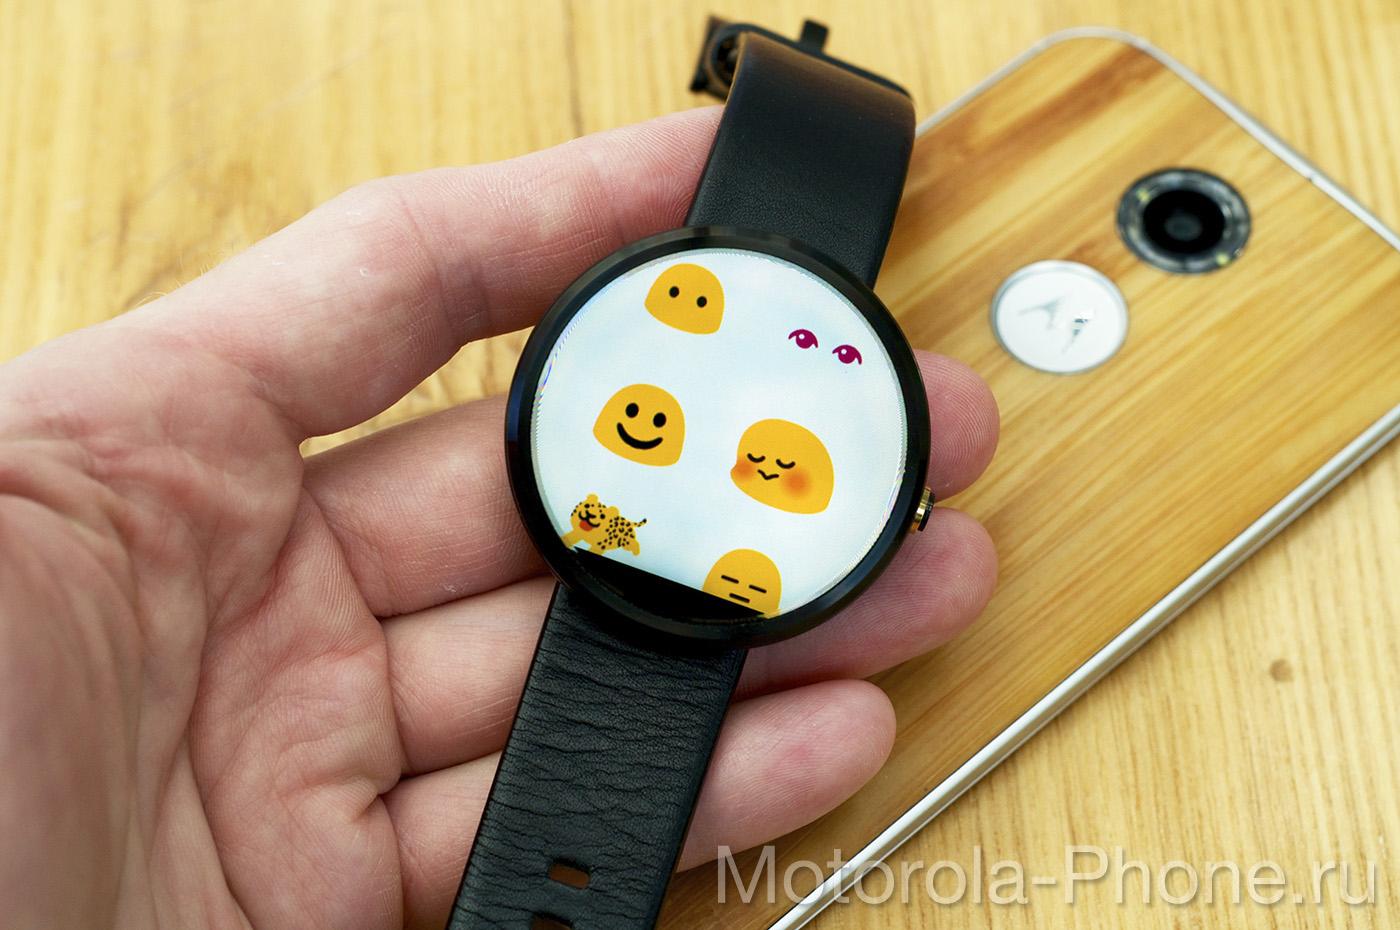 Motorola-Moto-360-Android-Wear-5-1-27 copy